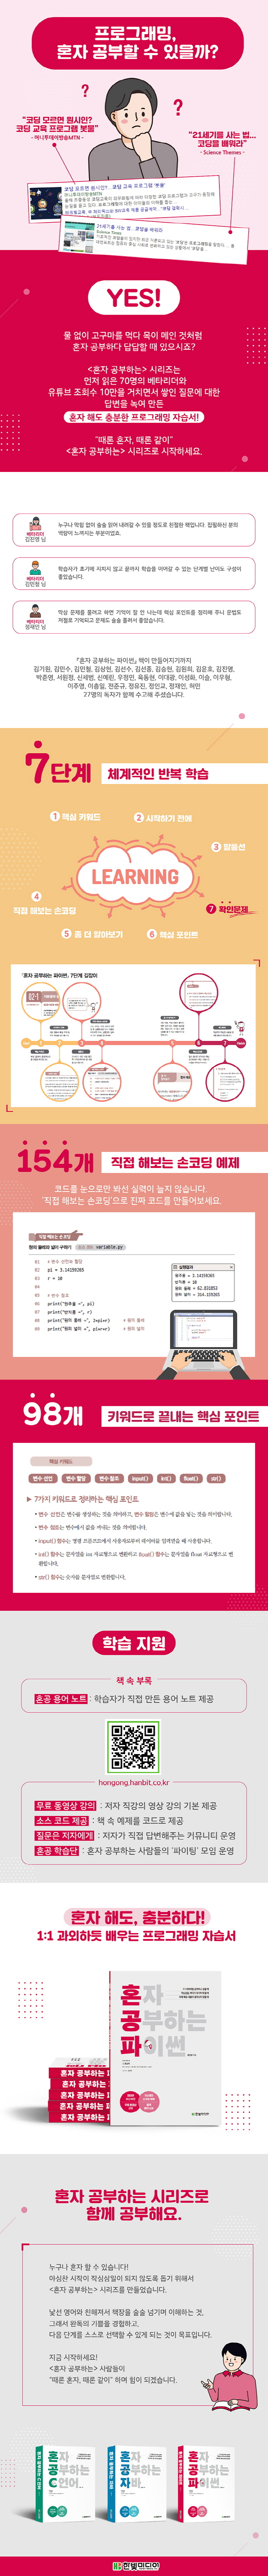 혼자 공부하는 파이썬 도서 상세이미지